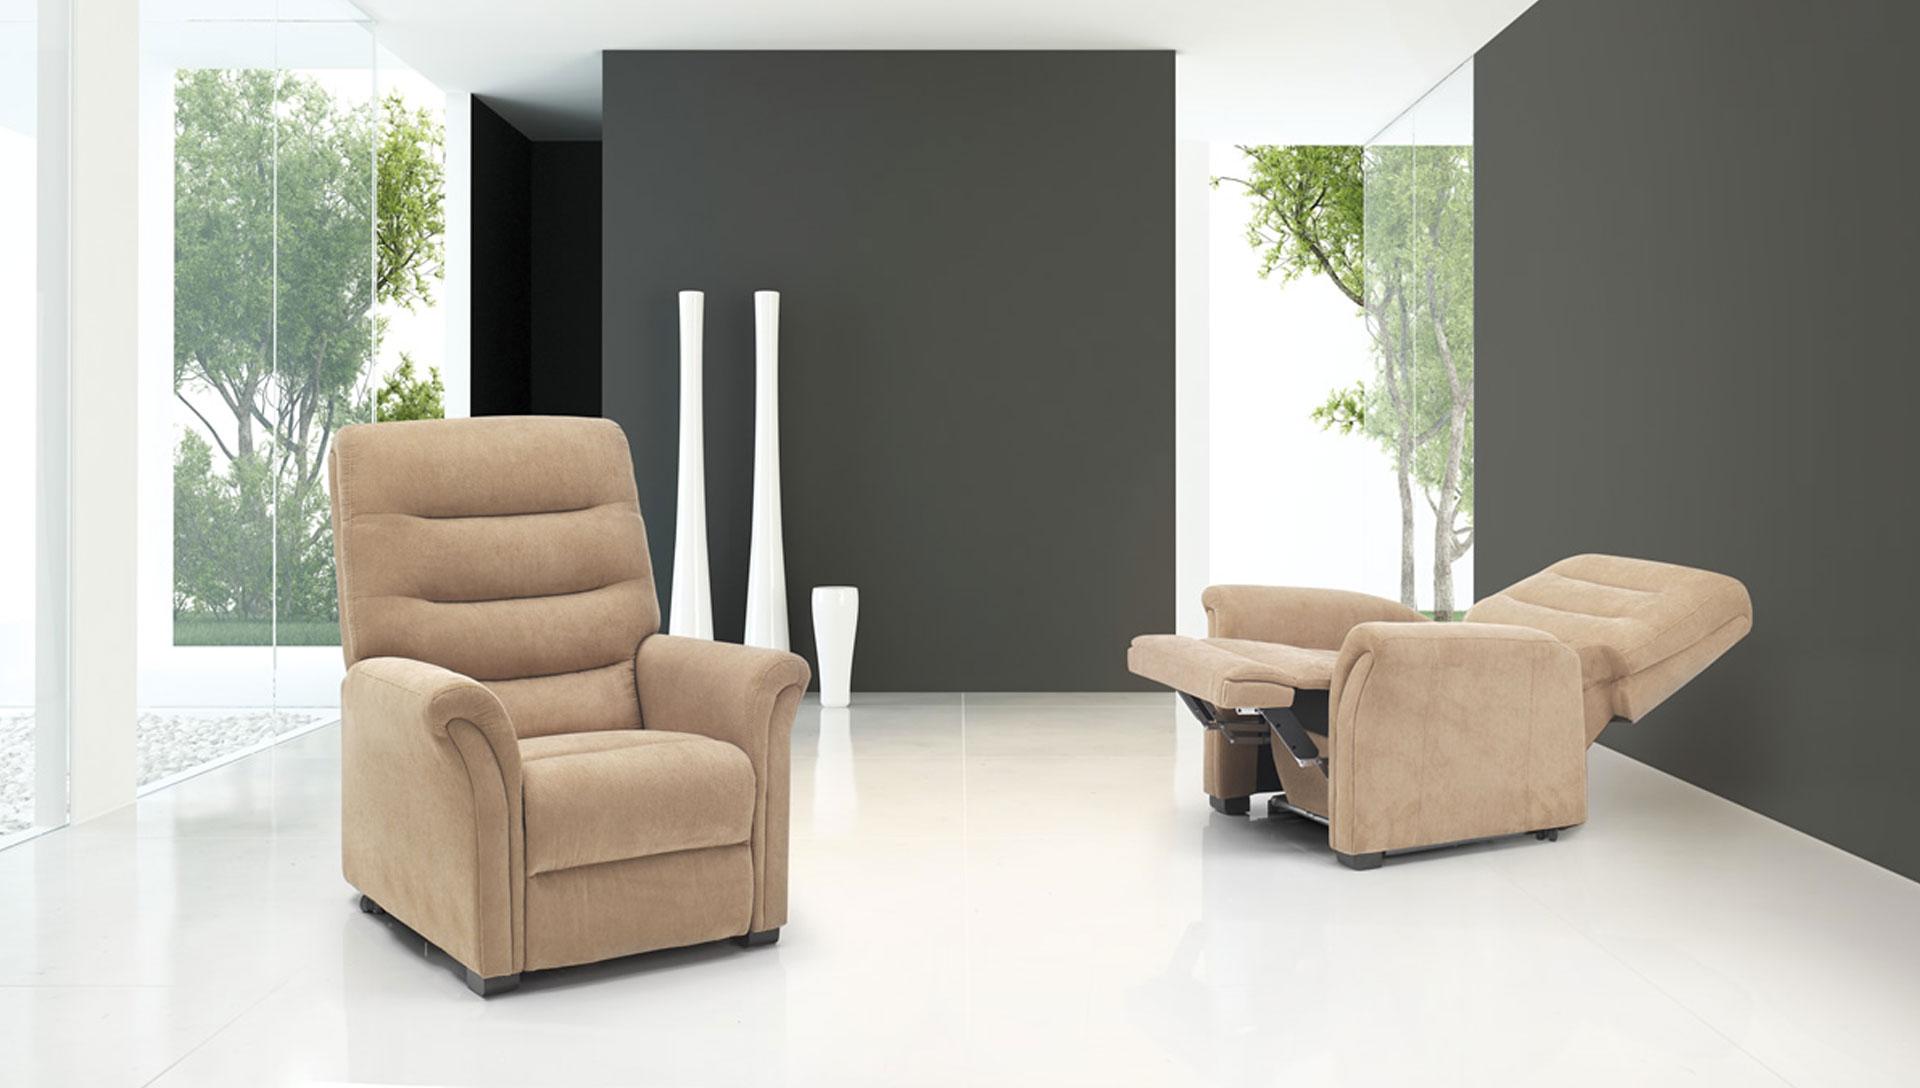 divani-spazio-relax-comodus-arredamenti-nicoletti-interni-interior-design-divani-complementi-arredo-mobili-design-accessori-matera